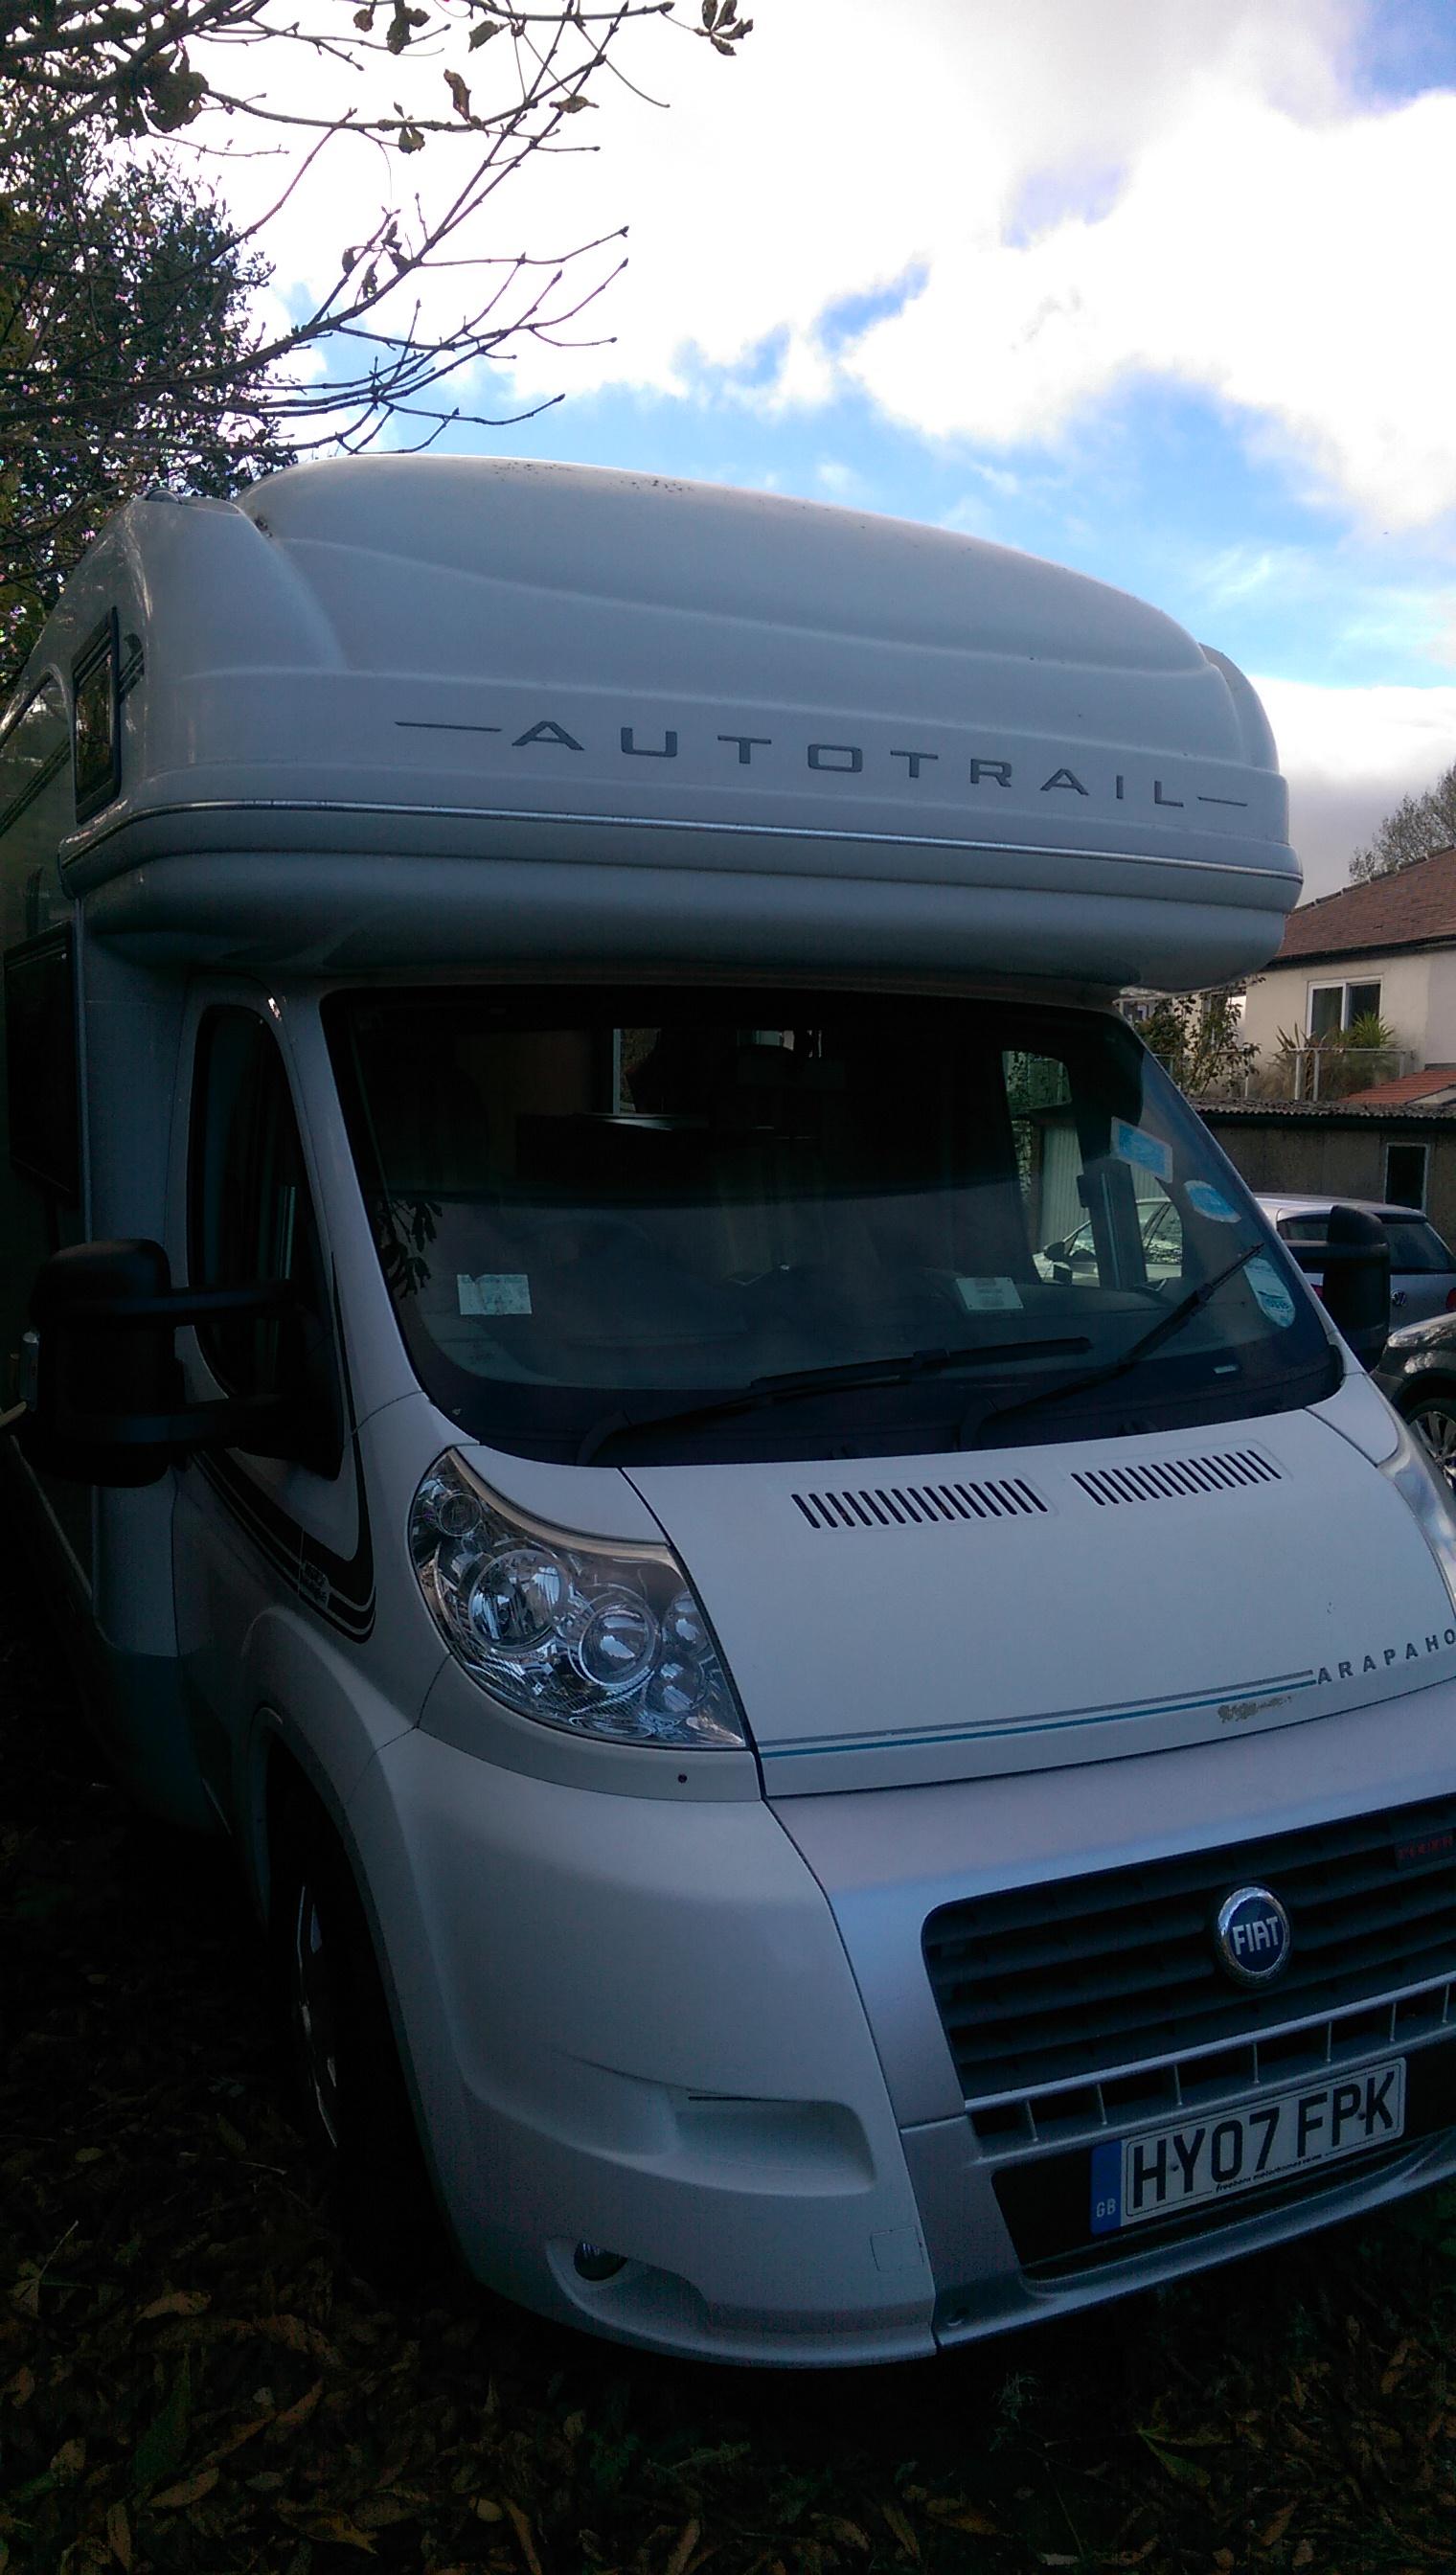 Motorhome and caravan valeting in Barnsley